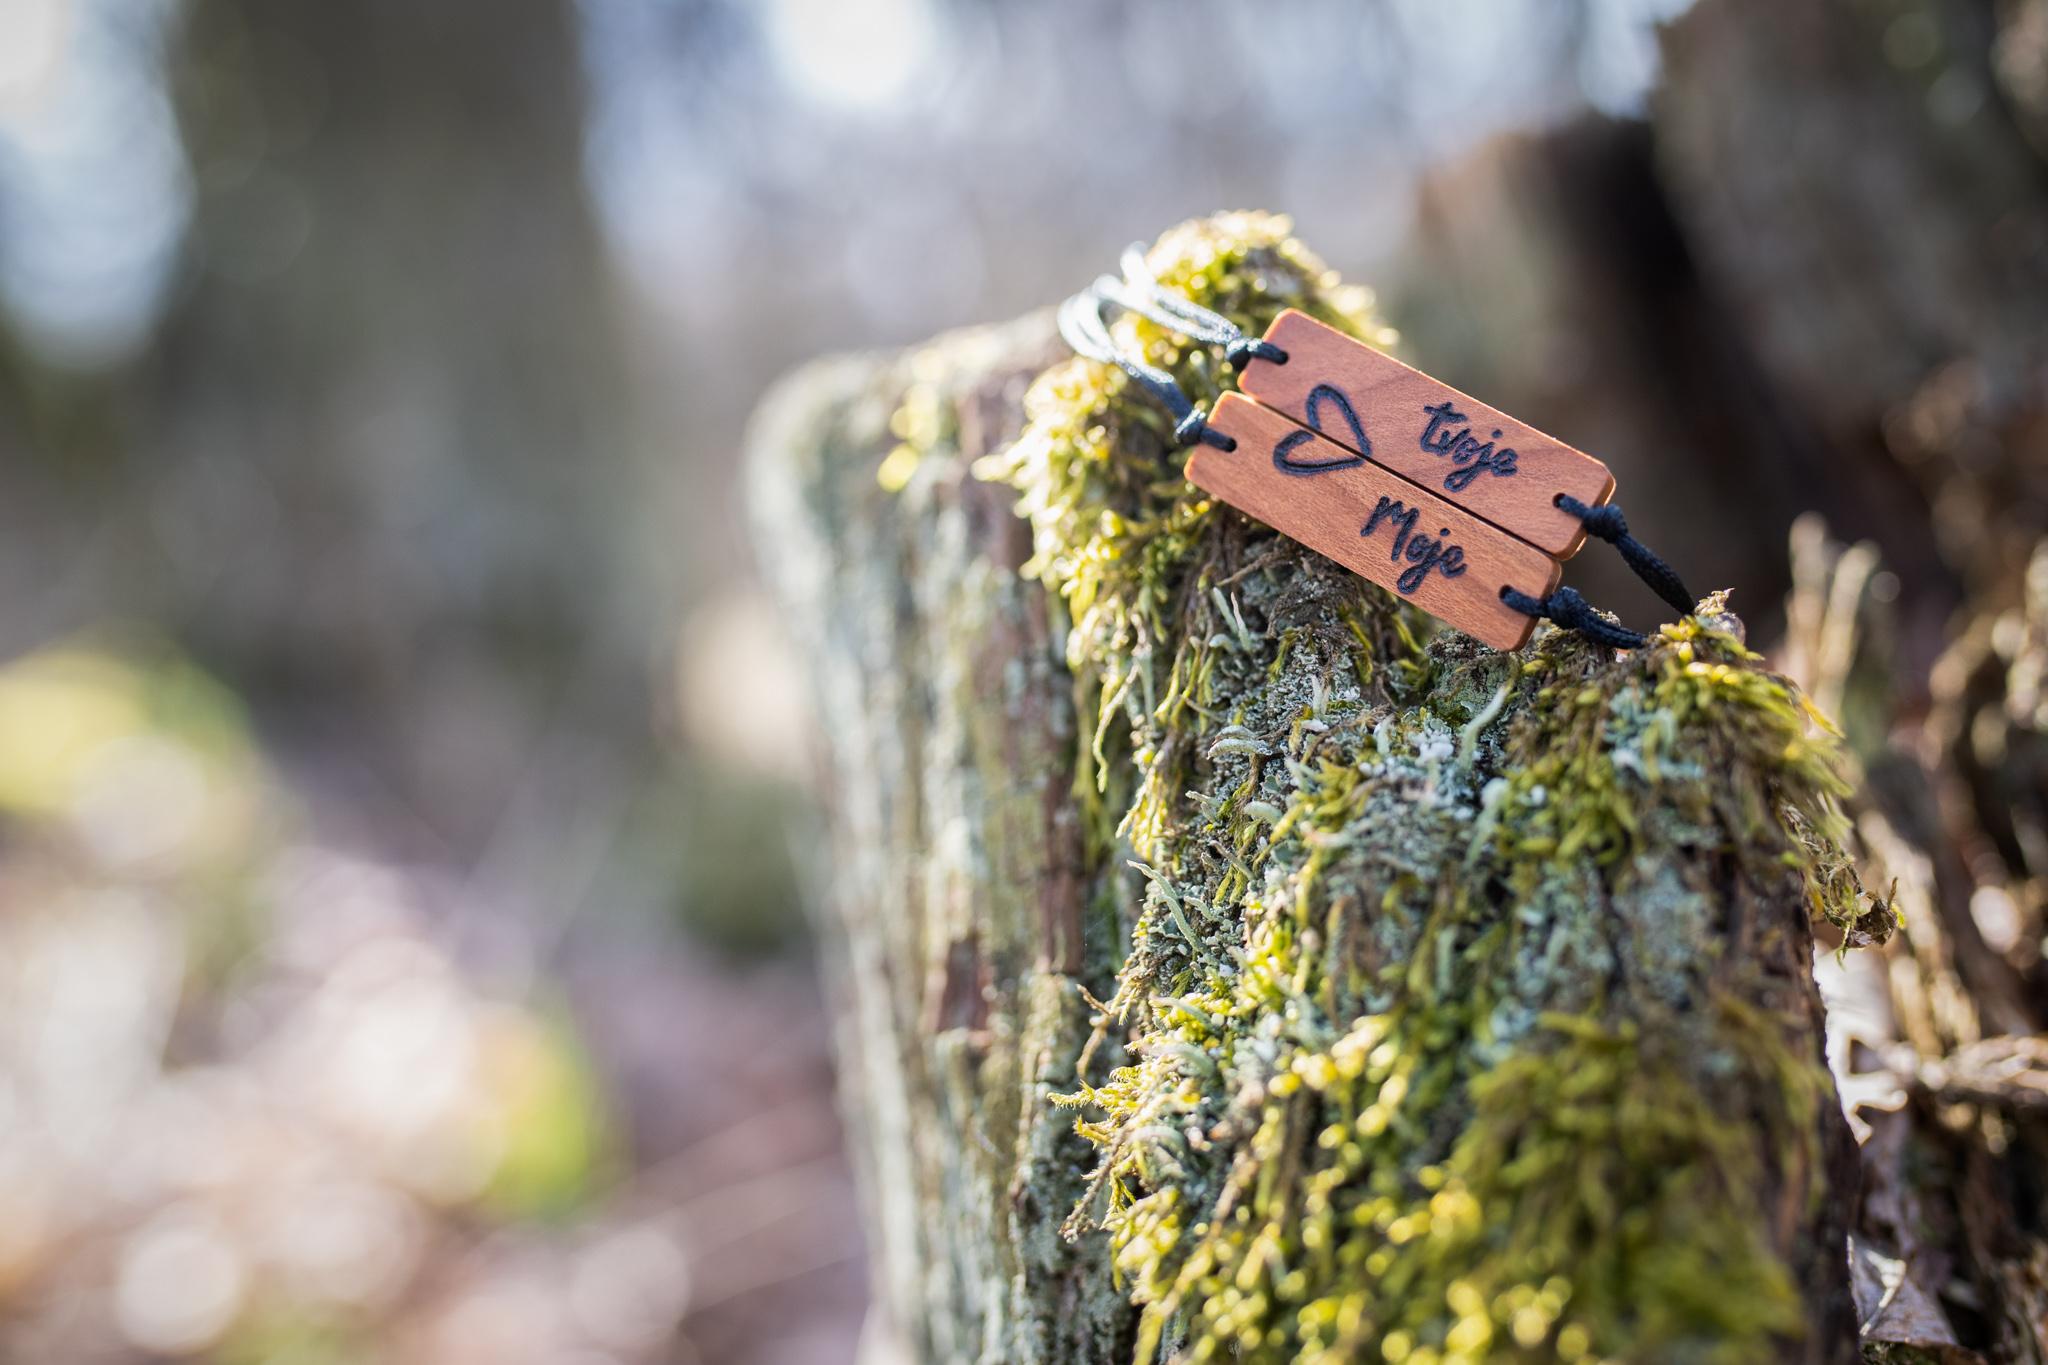 Destičky jsou vyrobené z třešňového dřeva a jsou ošetřeny přírodní směsí Odie's oil. Třešeň pochází z vlastní zahrady kousek od Brna. Všechny dřevěné výrobky vznikají od úplného počátku až do konce v mé dílničce za pomoci jednoduchého ručního nářadí